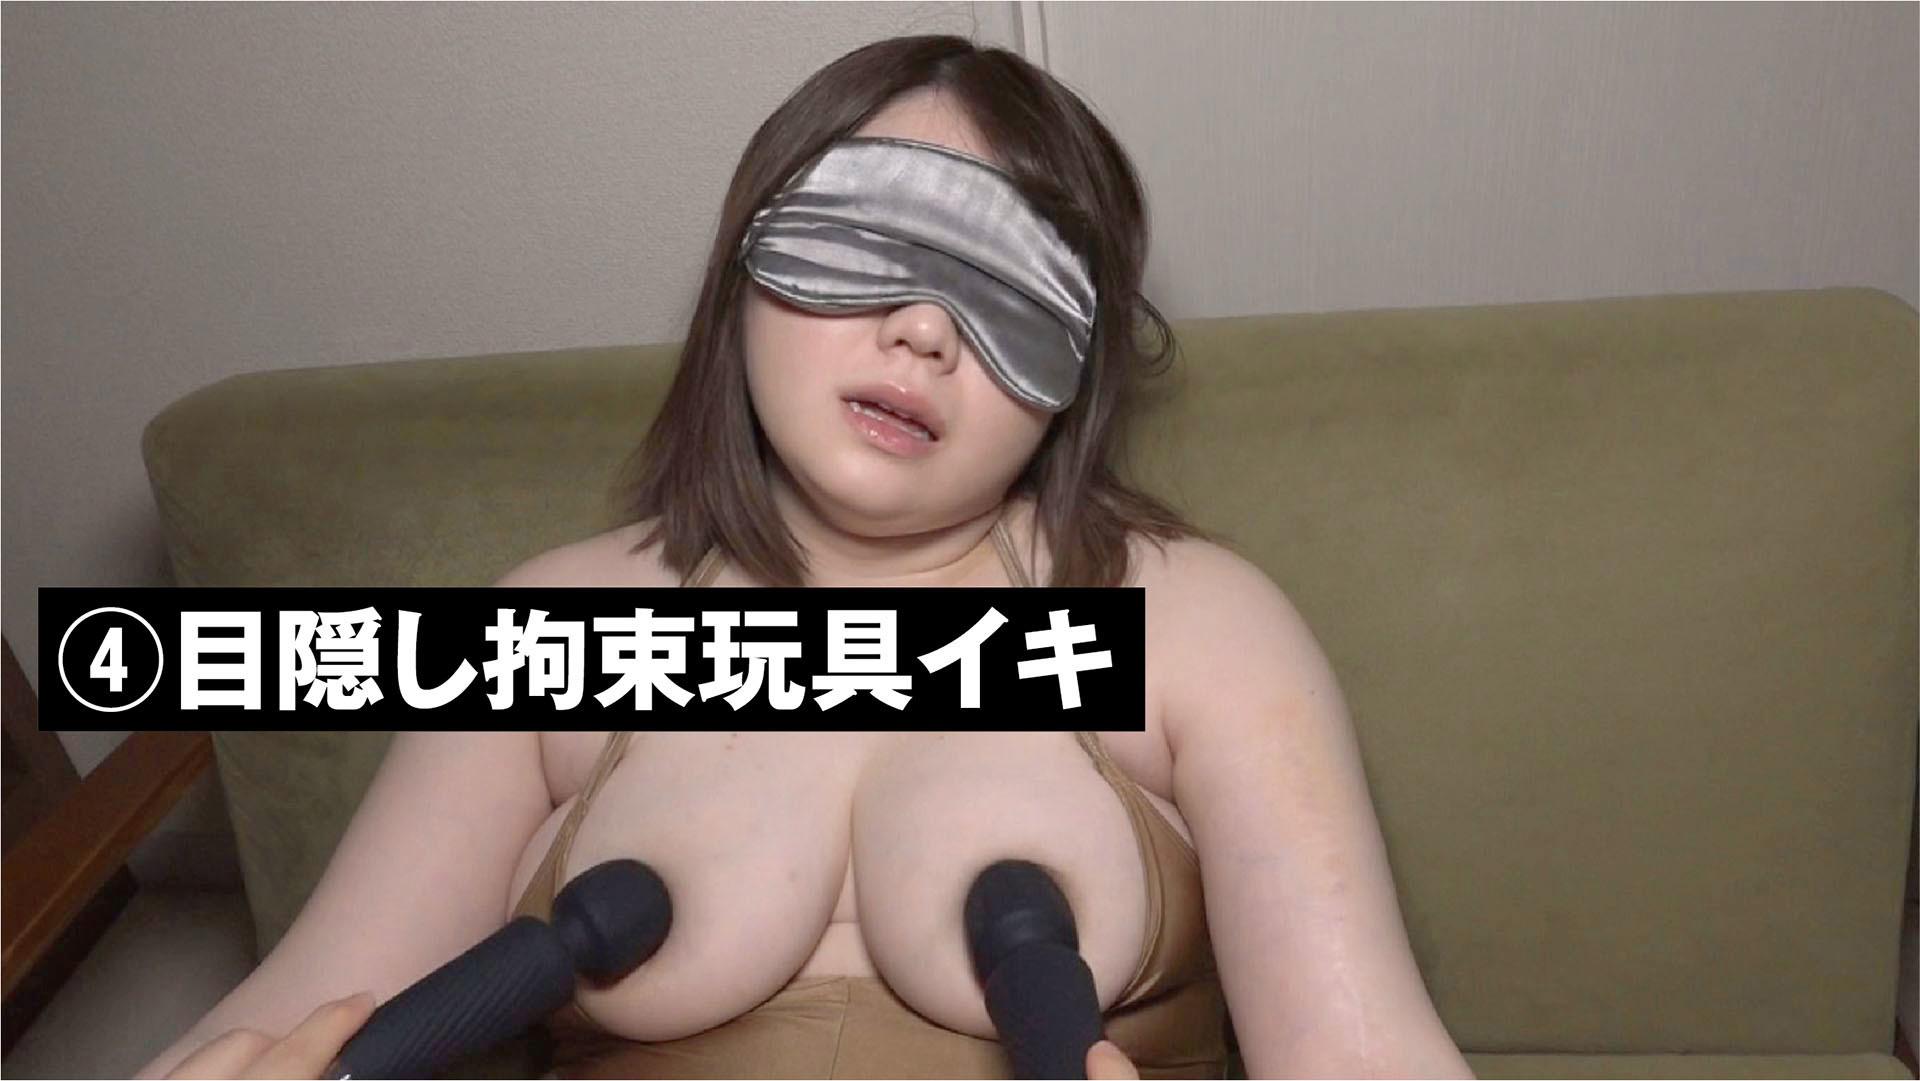 鳥取から上京した地味芋デカ乳女子まり 大学入学日にAVデビュー 画像4